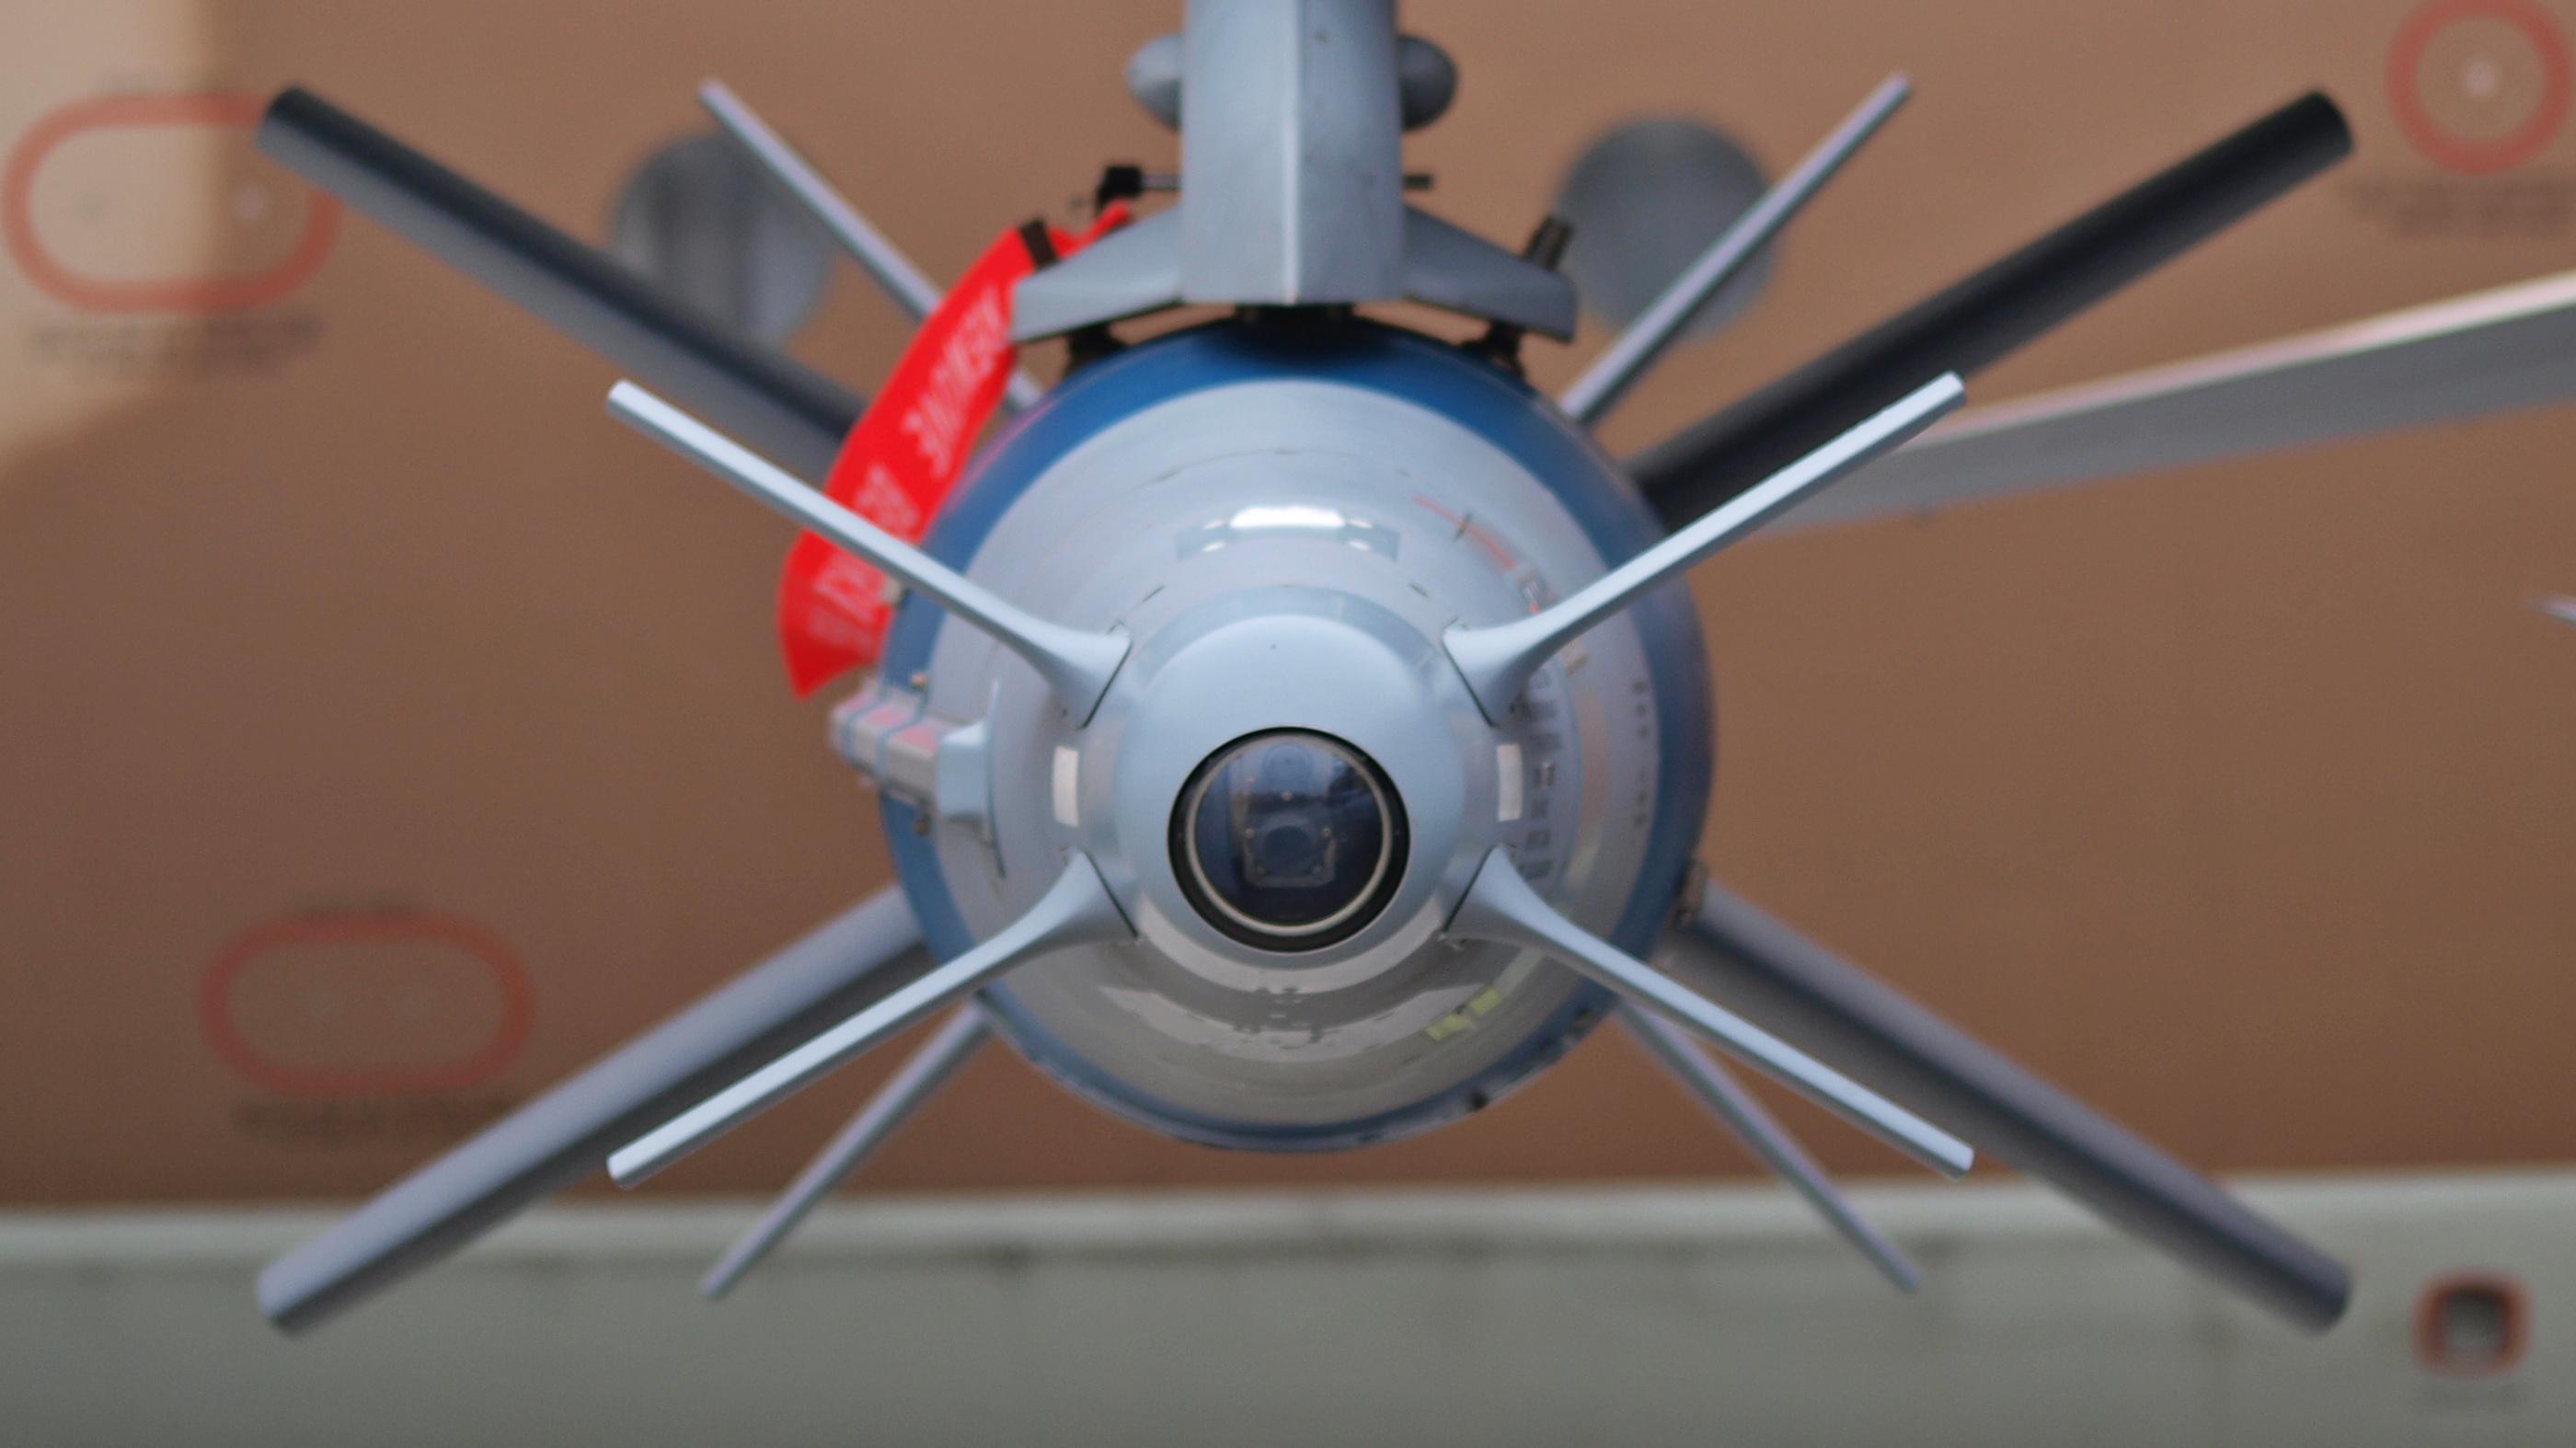 असल में स्पाइस-2000 की खासियत यह है कि यह सिर्फ एक सामान्य बम नहीं होकर 'गाइडेंस किट' है जो किसी भी स्टैंडर्स वारहेड या बम से जुड़ी होती है. इस हथियार के दो हिस्से होते हैं. पहला हिस्सा स्टैंडर्स वारहेड के अगले हिस्से से जोड़ा जाता है जबकि दूसरा बम के पिछले हिस्से से जोड़ा जाता है. किट के पहले भाग की नोक पर एक कैमरा लगा होता है जो टार्गेट को आइडेंटिफाई करता है. जबकि दूसरे भाग में एक डेटा चिप होती है, जो स्पाइस-2000 को बम छोड़ने का सही वक्त बताती है. SPICE की फुल फॉर्म ही- Smart, Precise Impact, Cost-Effective बताई जाती है.